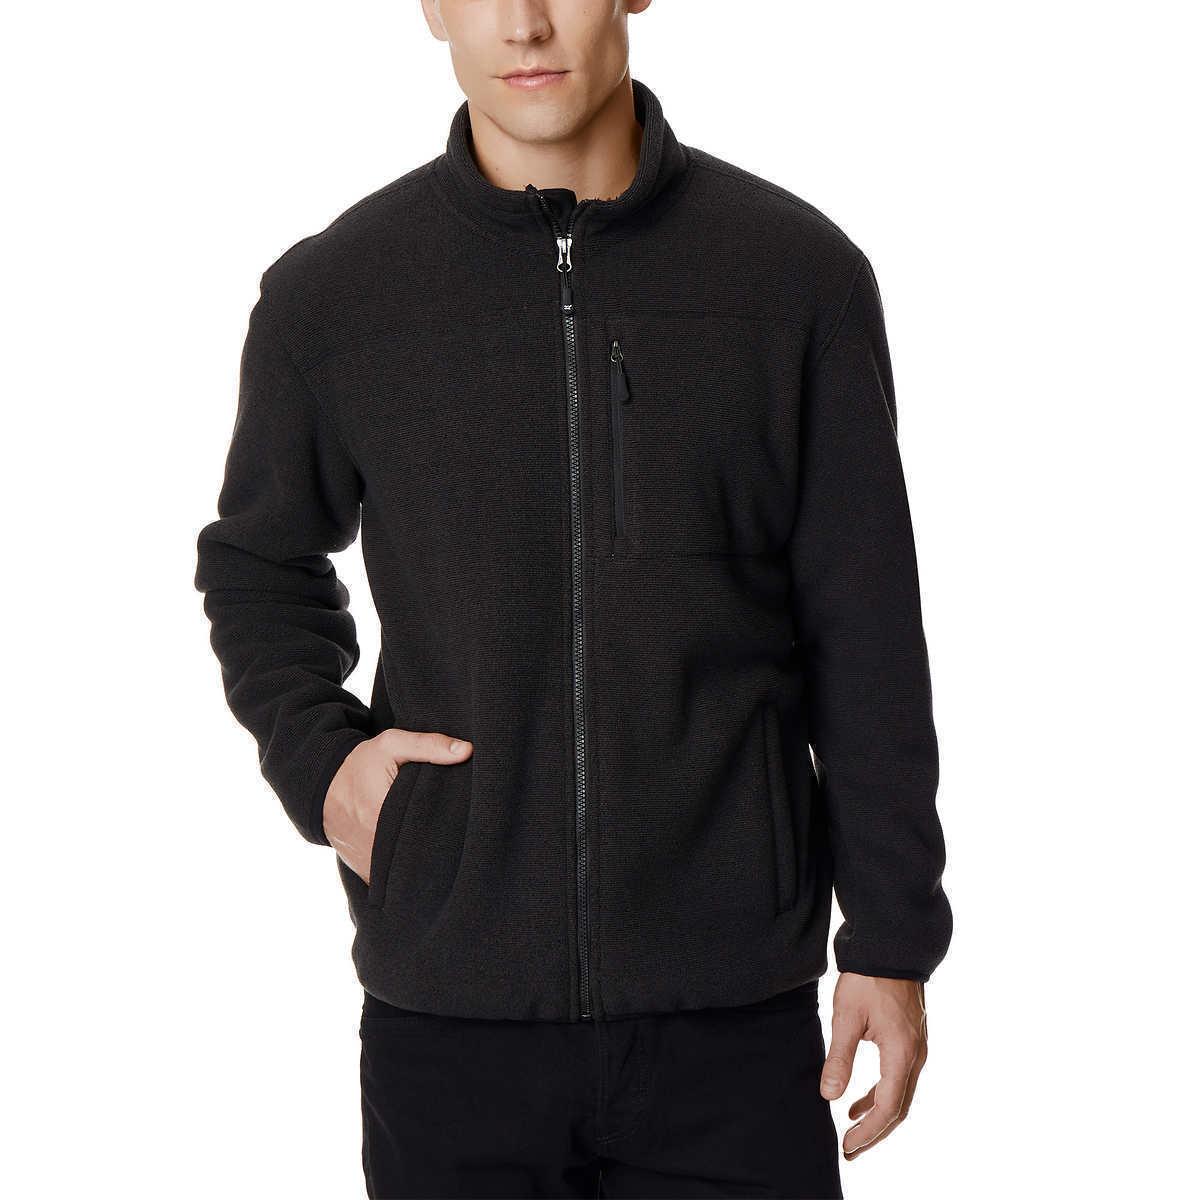 32 Degrees Heat Men Sherpa Lined Fleece Full Zip Jacket, Bla